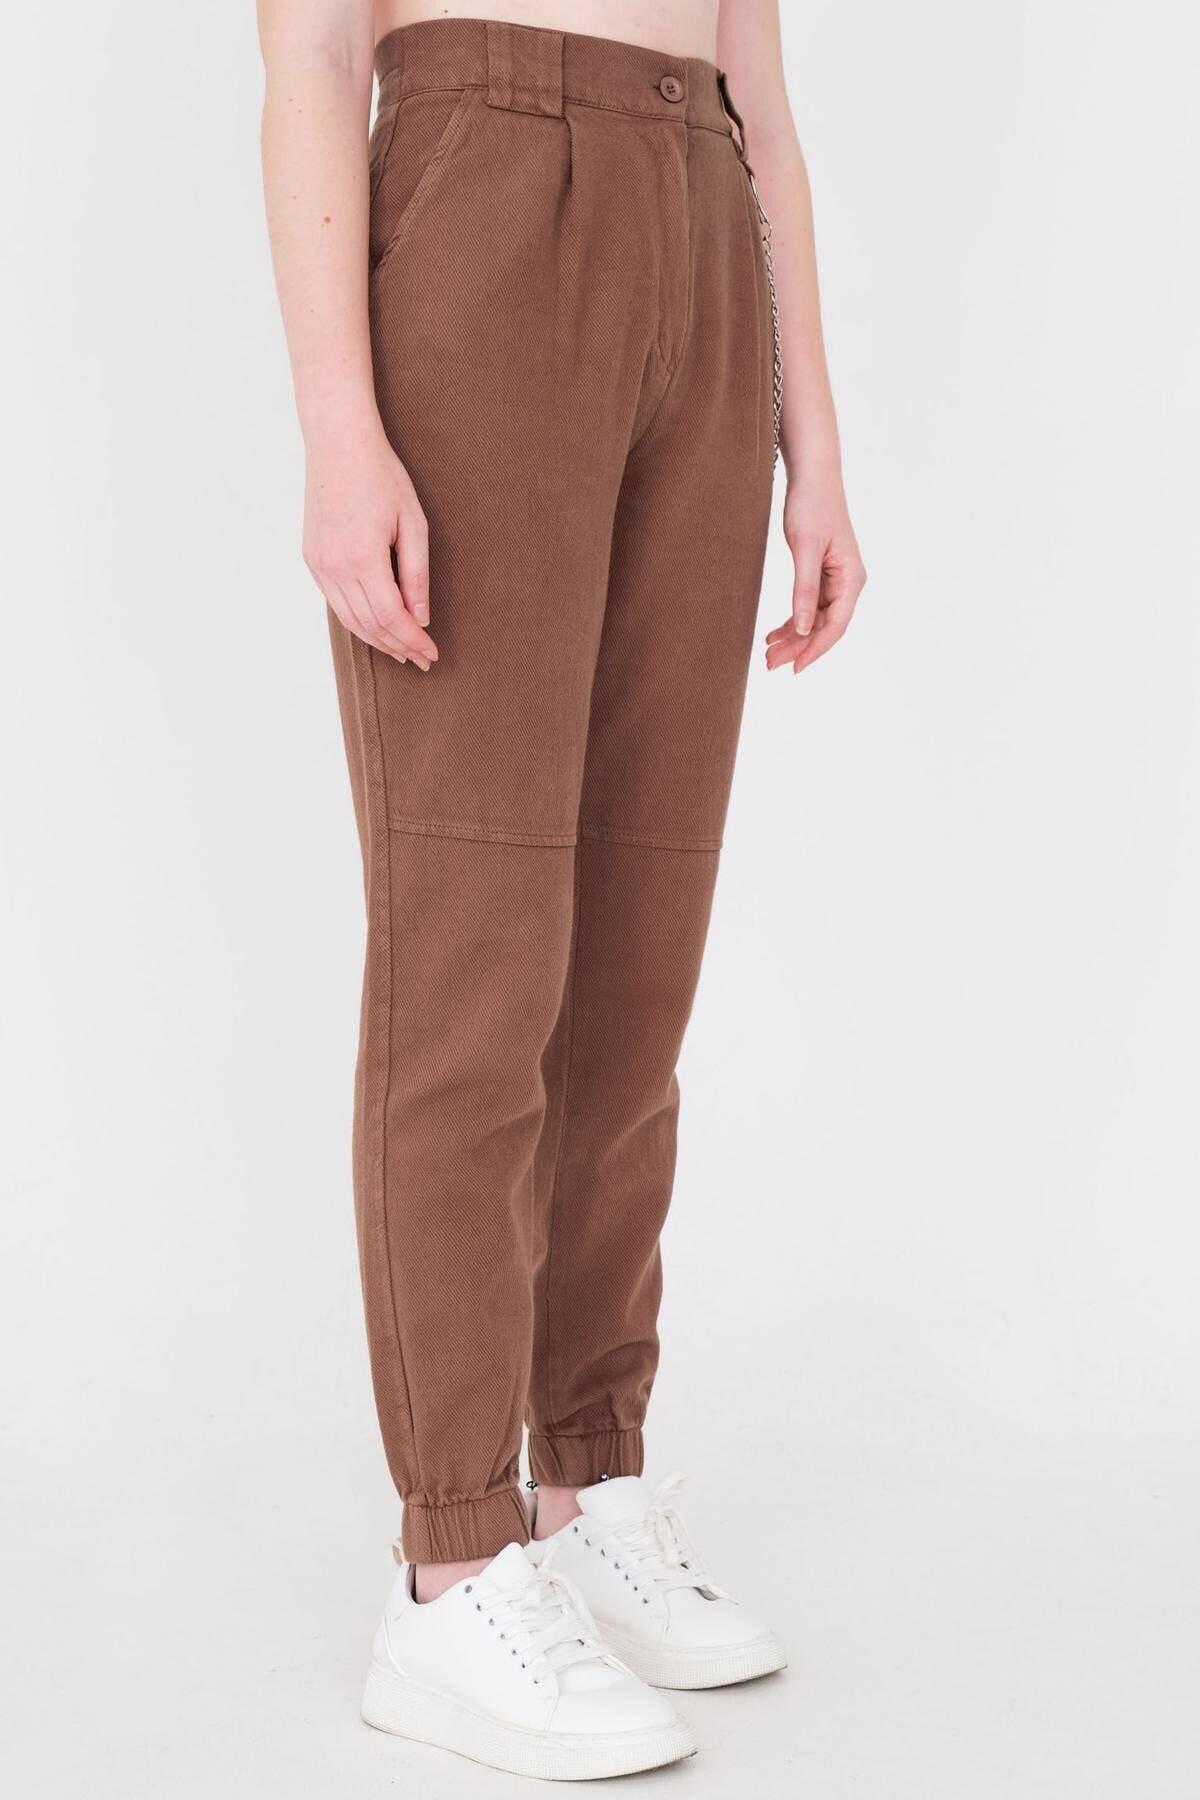 Addax Kadın Kahve Zincir Detaylı Pantolon Pn01-0073 - S11 Adx-0000024102 3